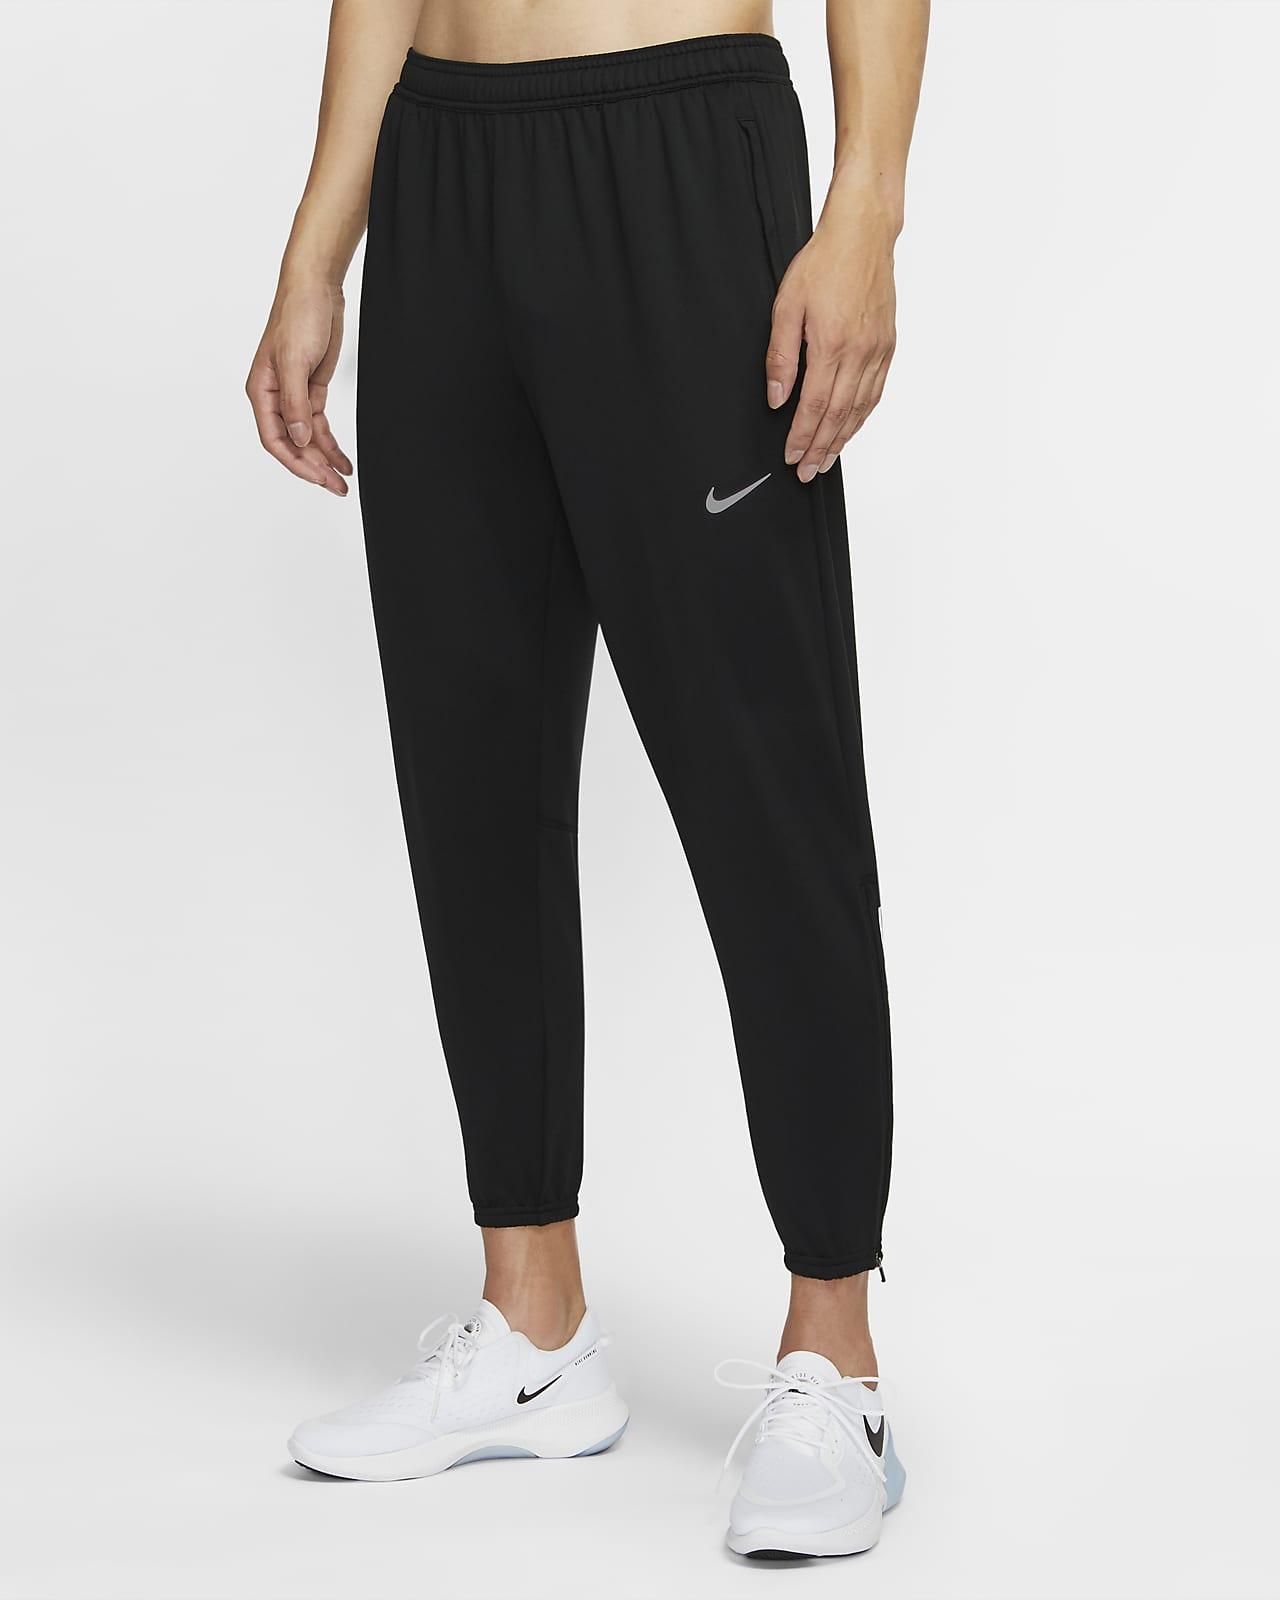 กางเกงวิ่งแบบถักผู้ชาย Nike Essential